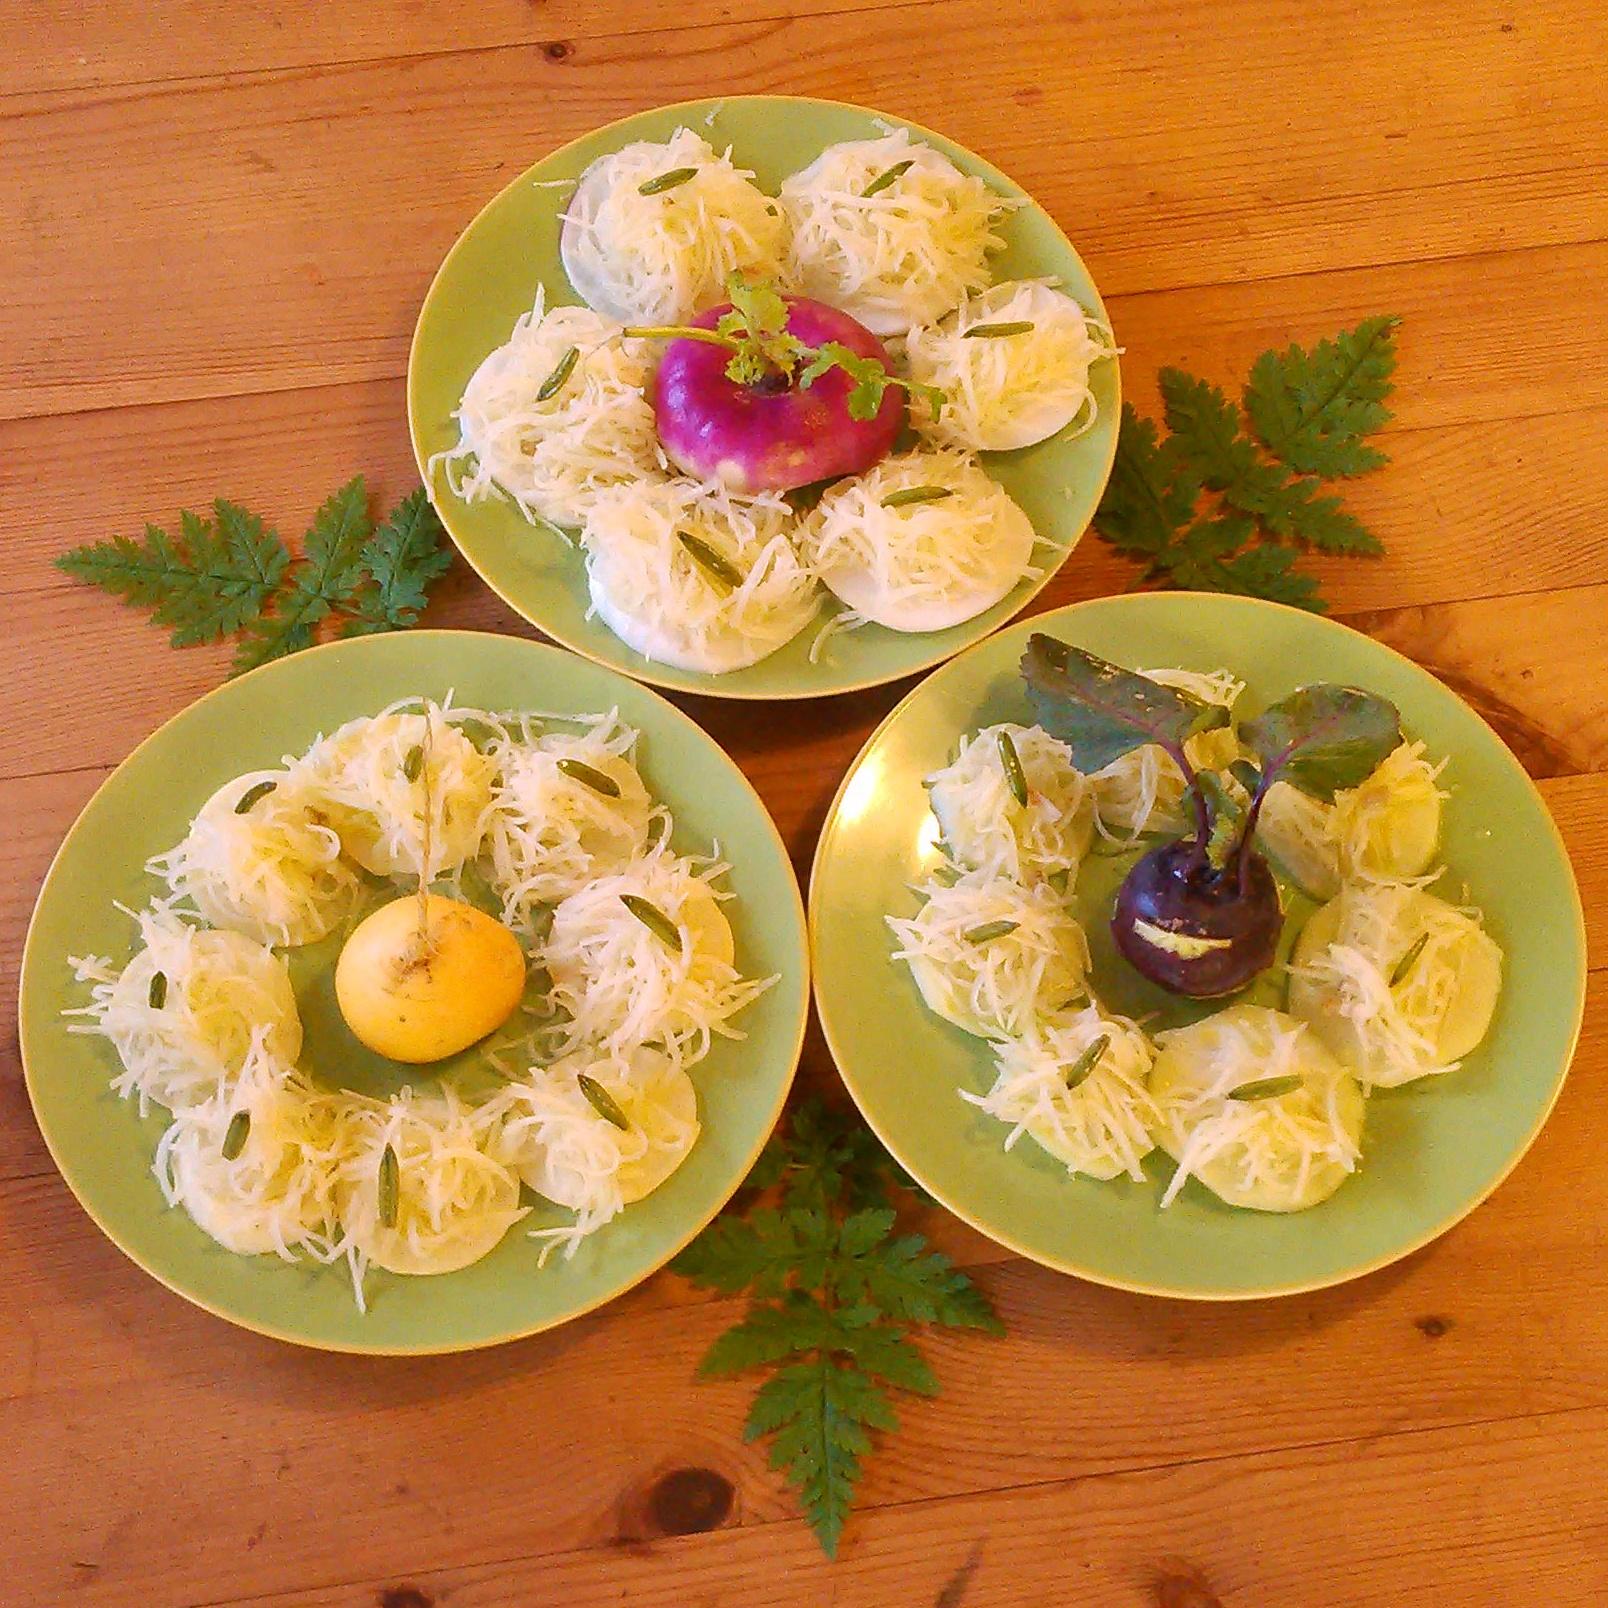 Reven nepe, reddik og knutekål krydret med spanskkjørvelrot dressing av olivenolje og kombuchaeddik av hylleblomst og kløver på toppen, frø av spanskkjørvel fra fryseren.